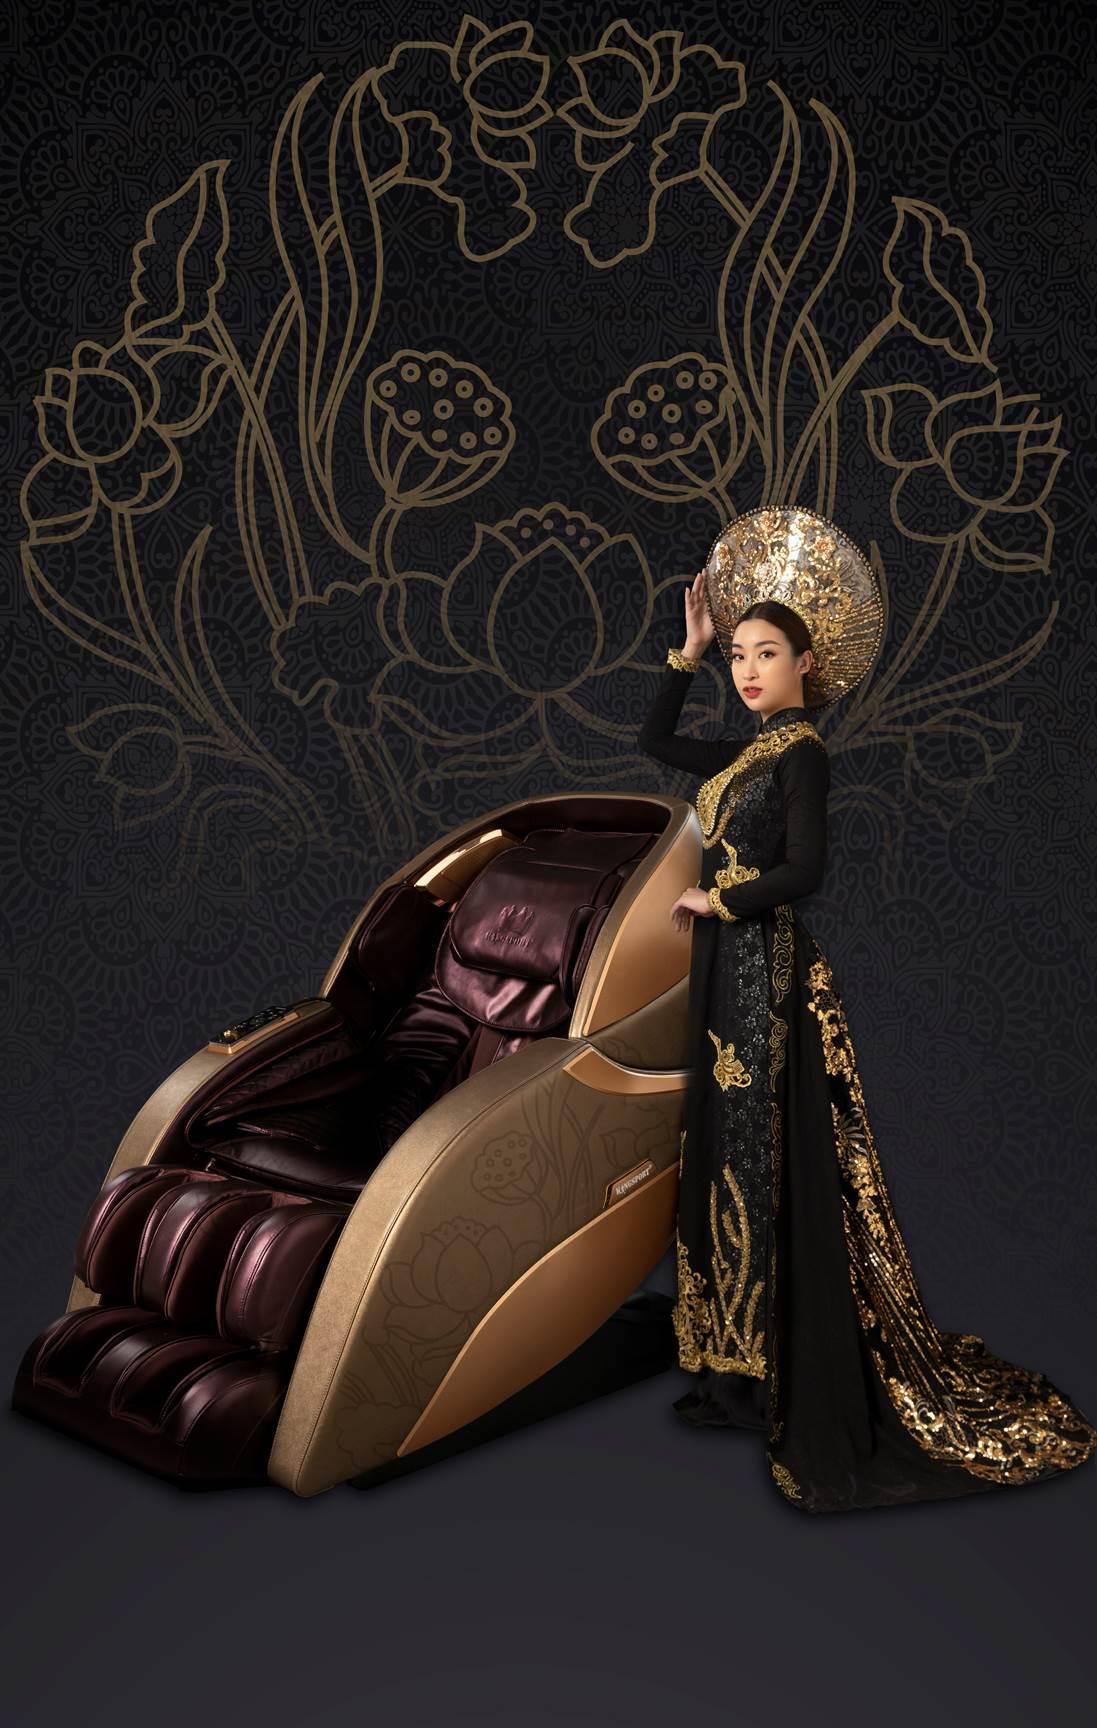 Dự án bộ ảnh áo dài Việt bên ghế massage của Đỗ Mỹ Linh kết hợp cùng Kingsport có ý nghĩa tượng trưng cho ngai vàng, tôn vinh phụ nữ Việt với 3 giá trị sống: Sức khoẻ, nhan sắc và trí tuệ.